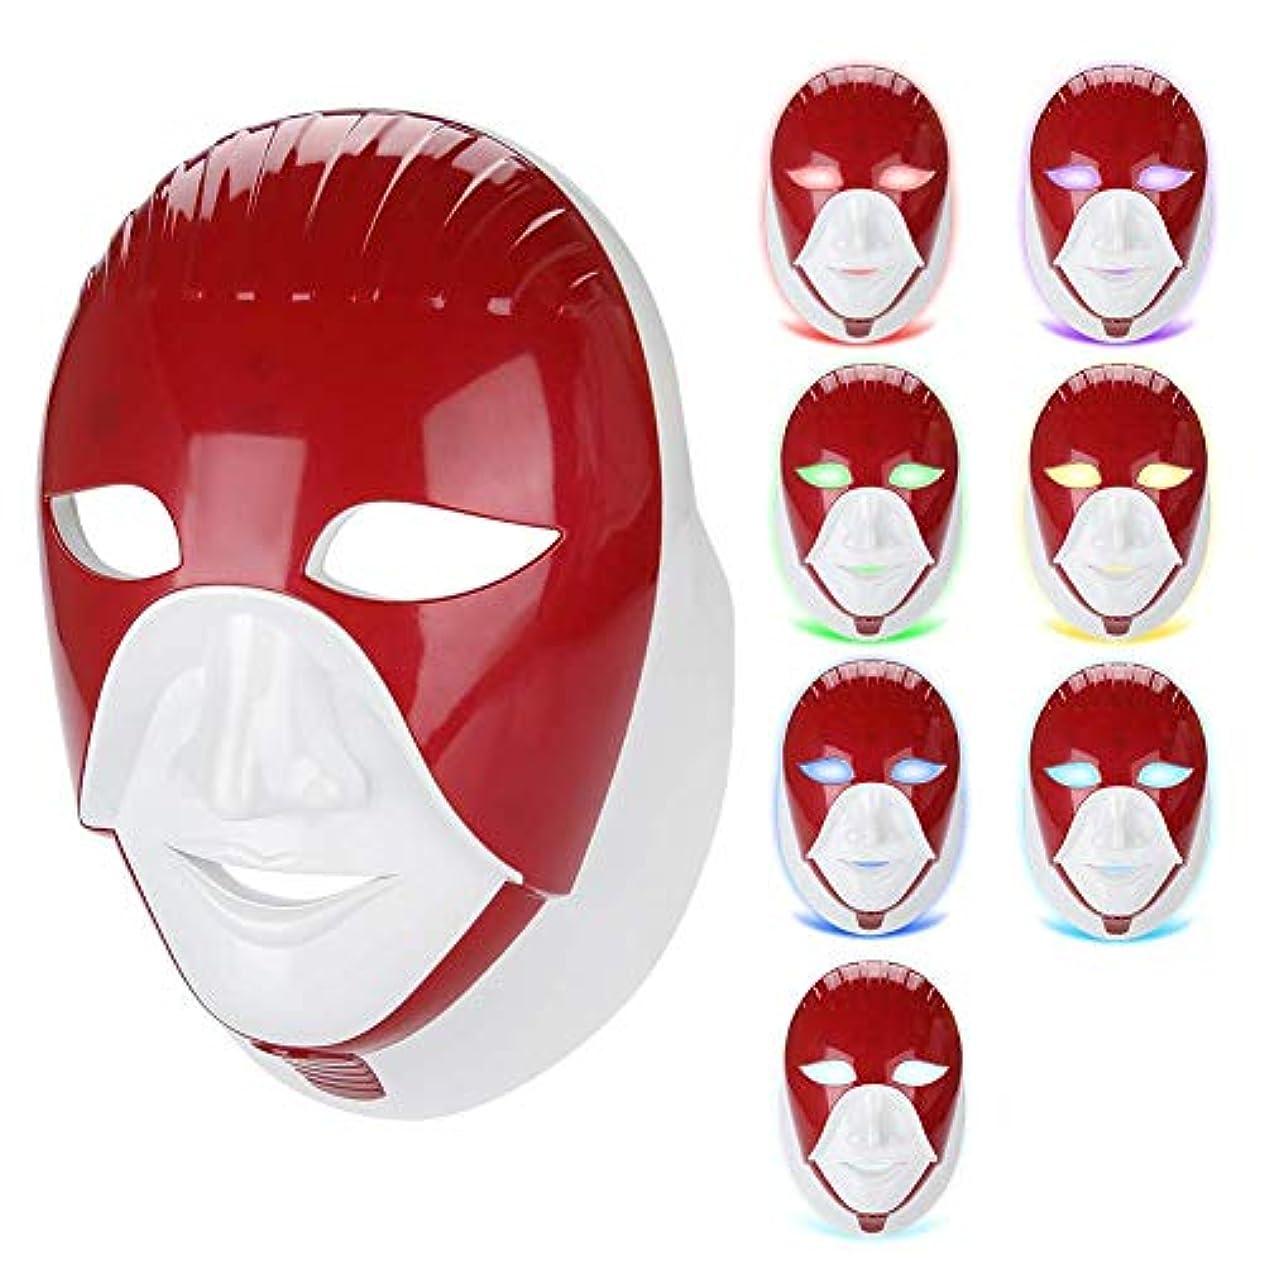 大きなスケールで見ると愛アメリカフォトンセラピーフェイシャルネックマスクアンチリンクルスキンリジュビネーション7色美容機器美容マスク(アルミボックス)